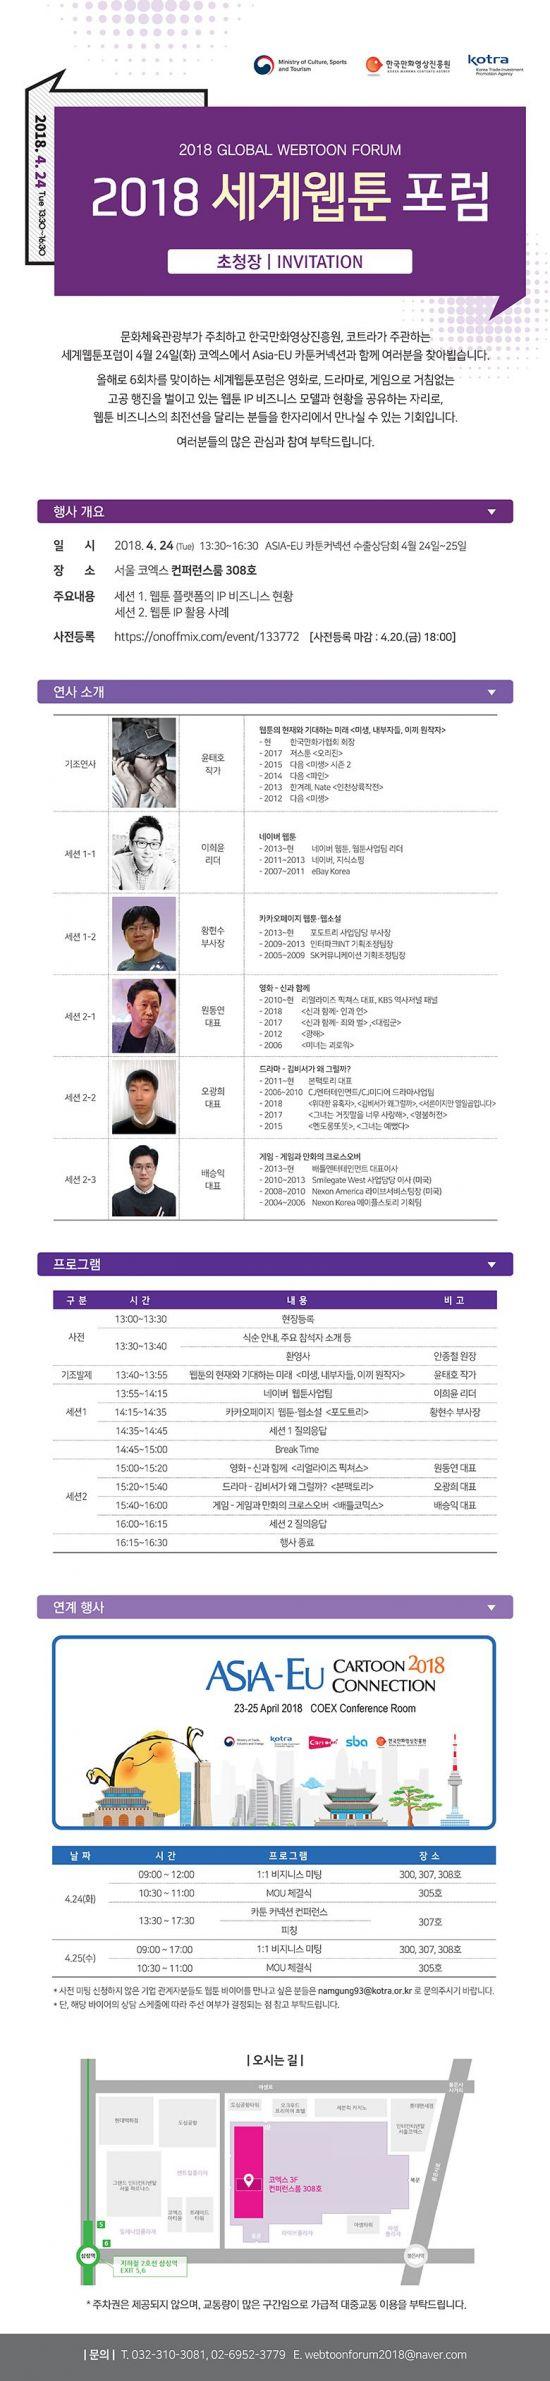 [이게모지] 2018 세계웹툰포럼이 한국에서 열린다